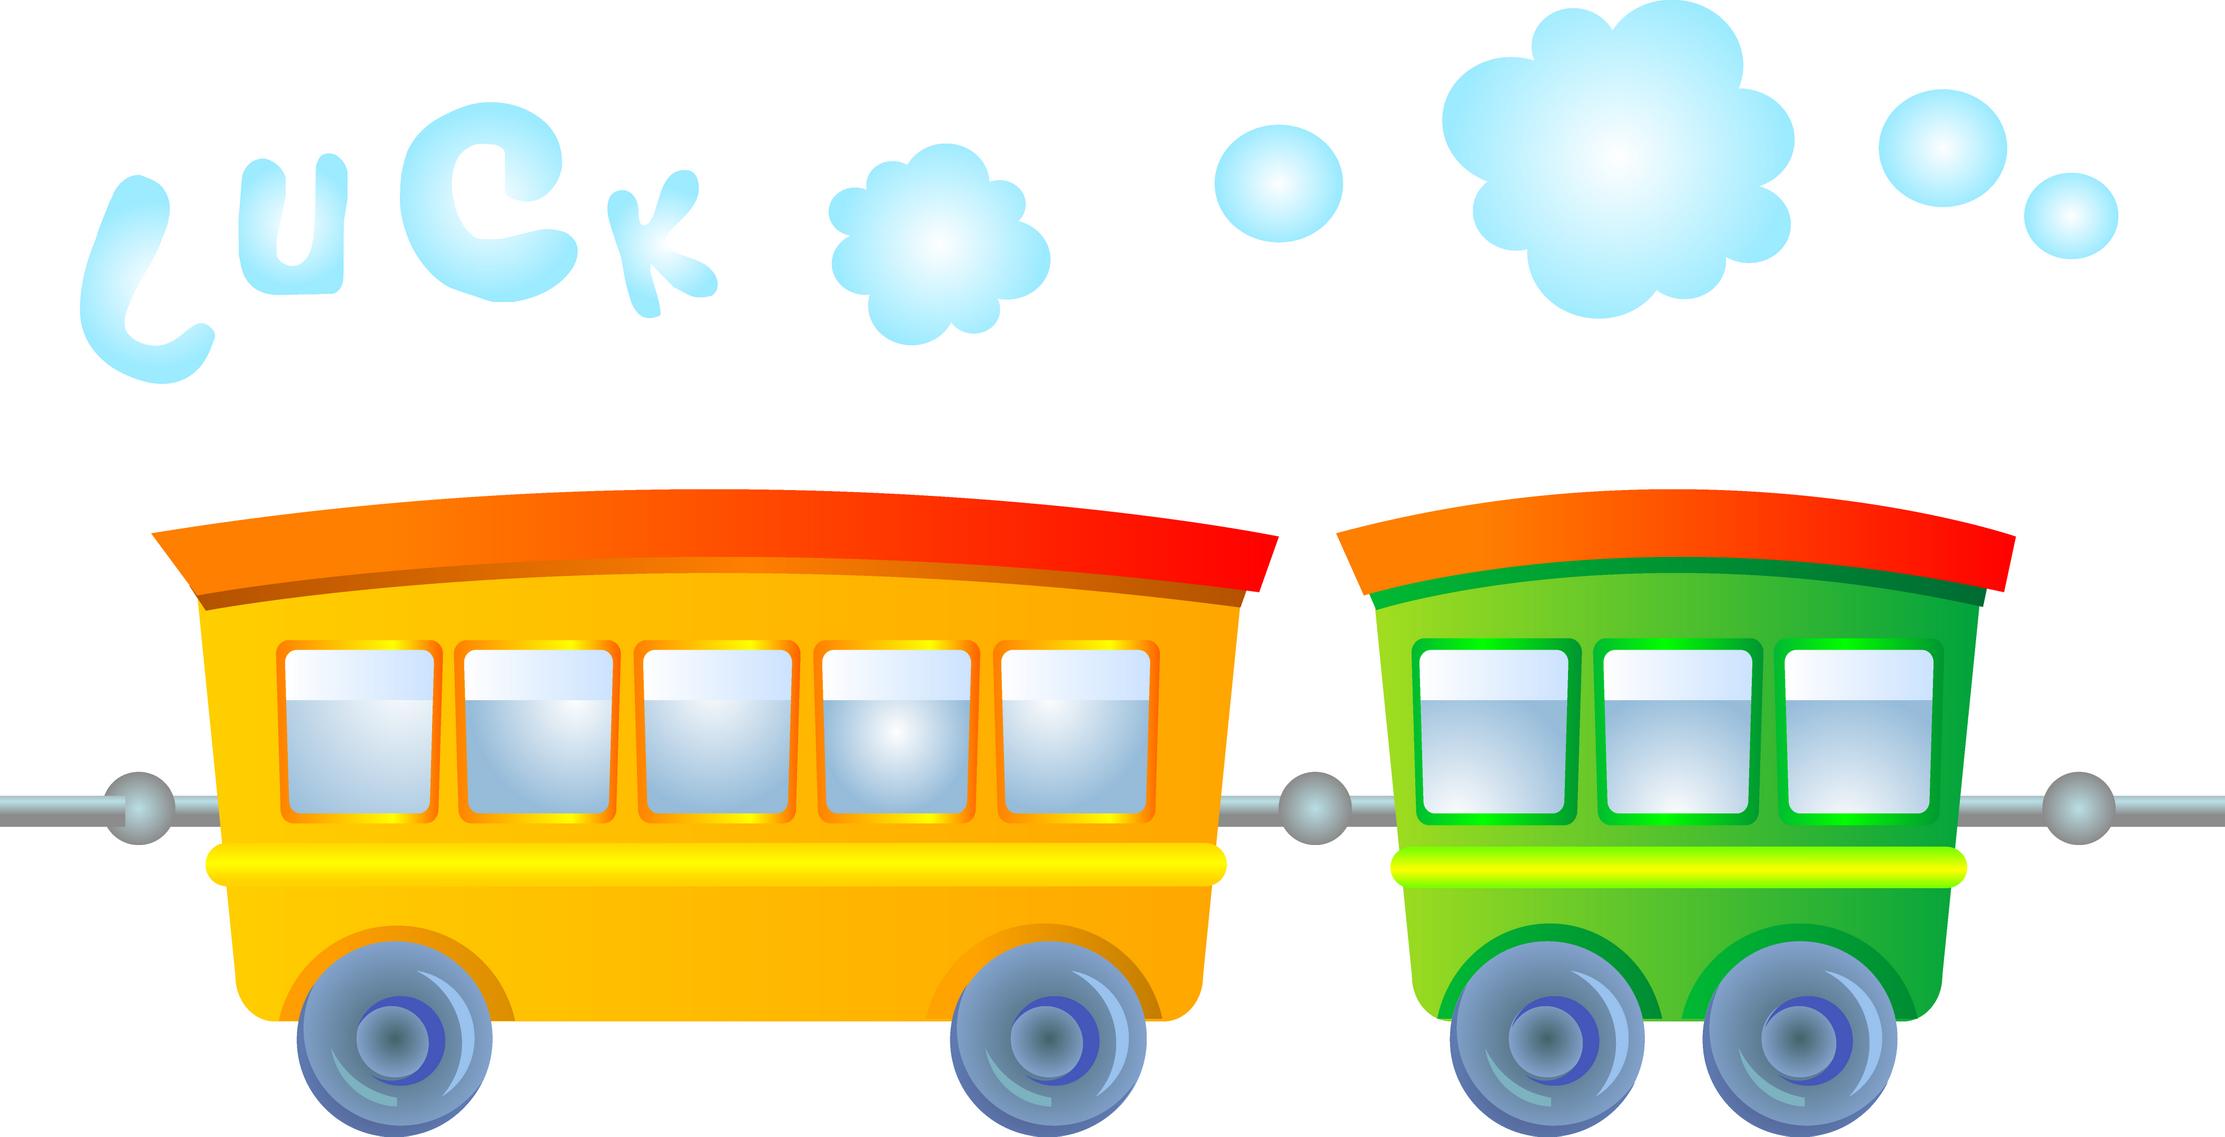 четком картинка паровозик с вагонами на прозрачном фоне иными словами